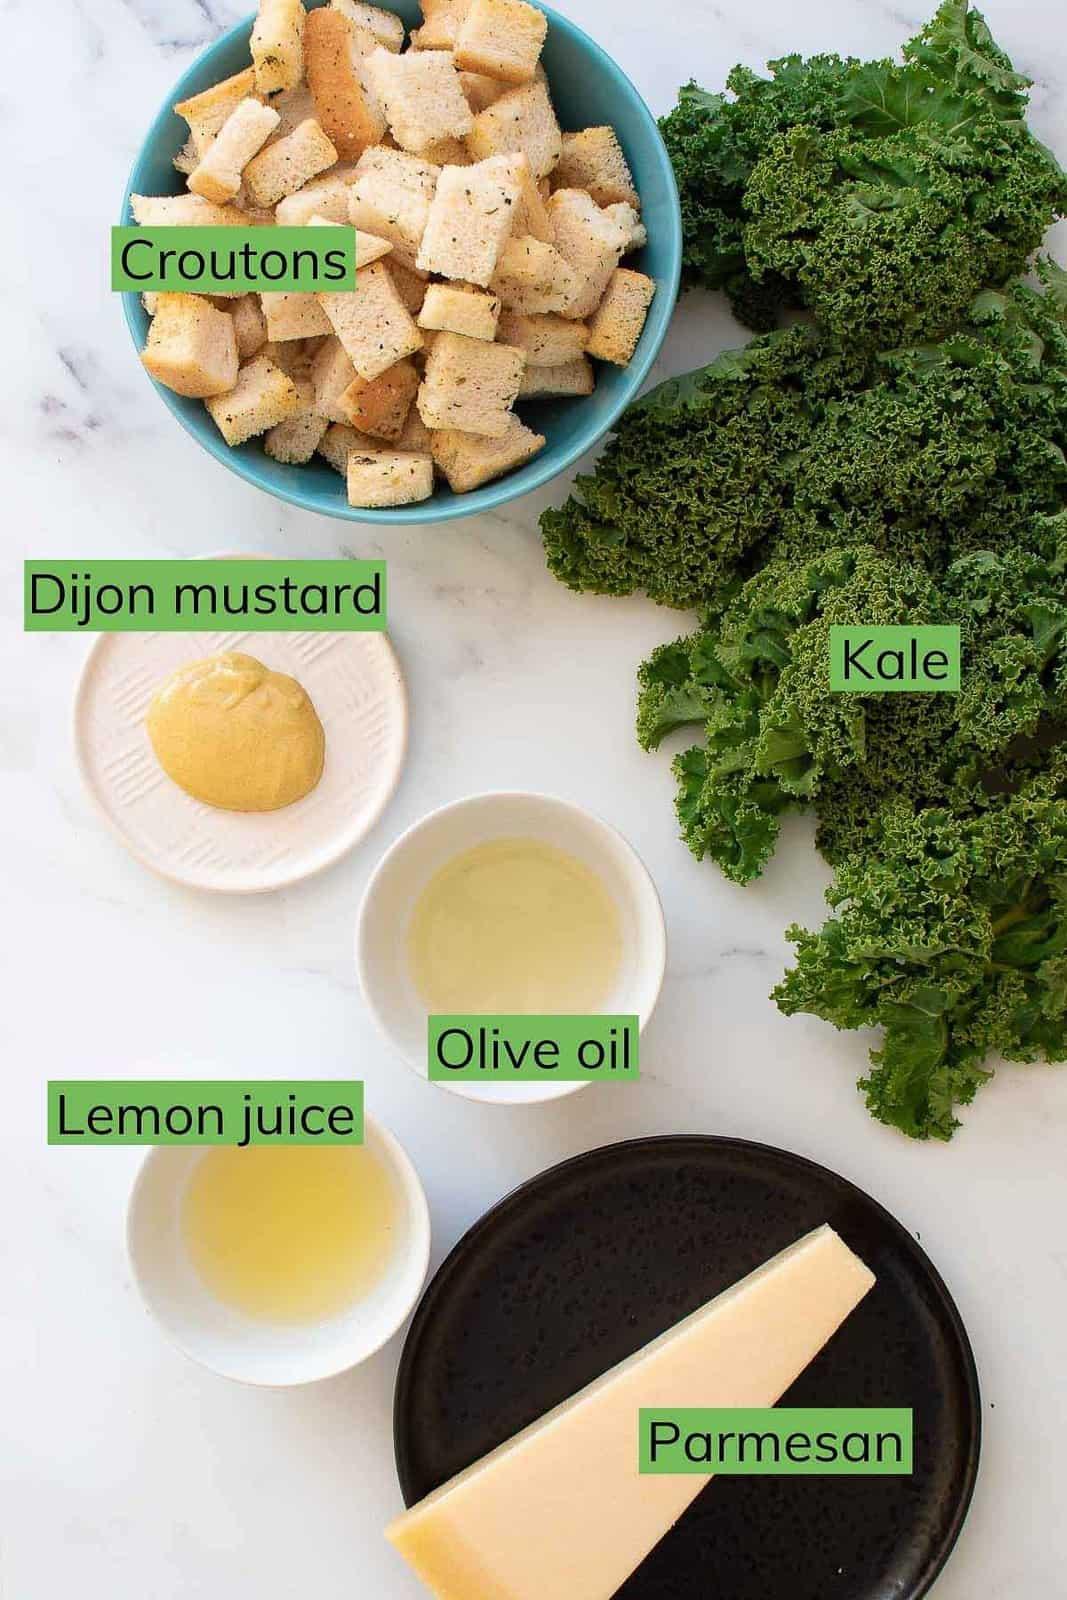 Ingredients needed to make vegetarian kale Caesar salad.